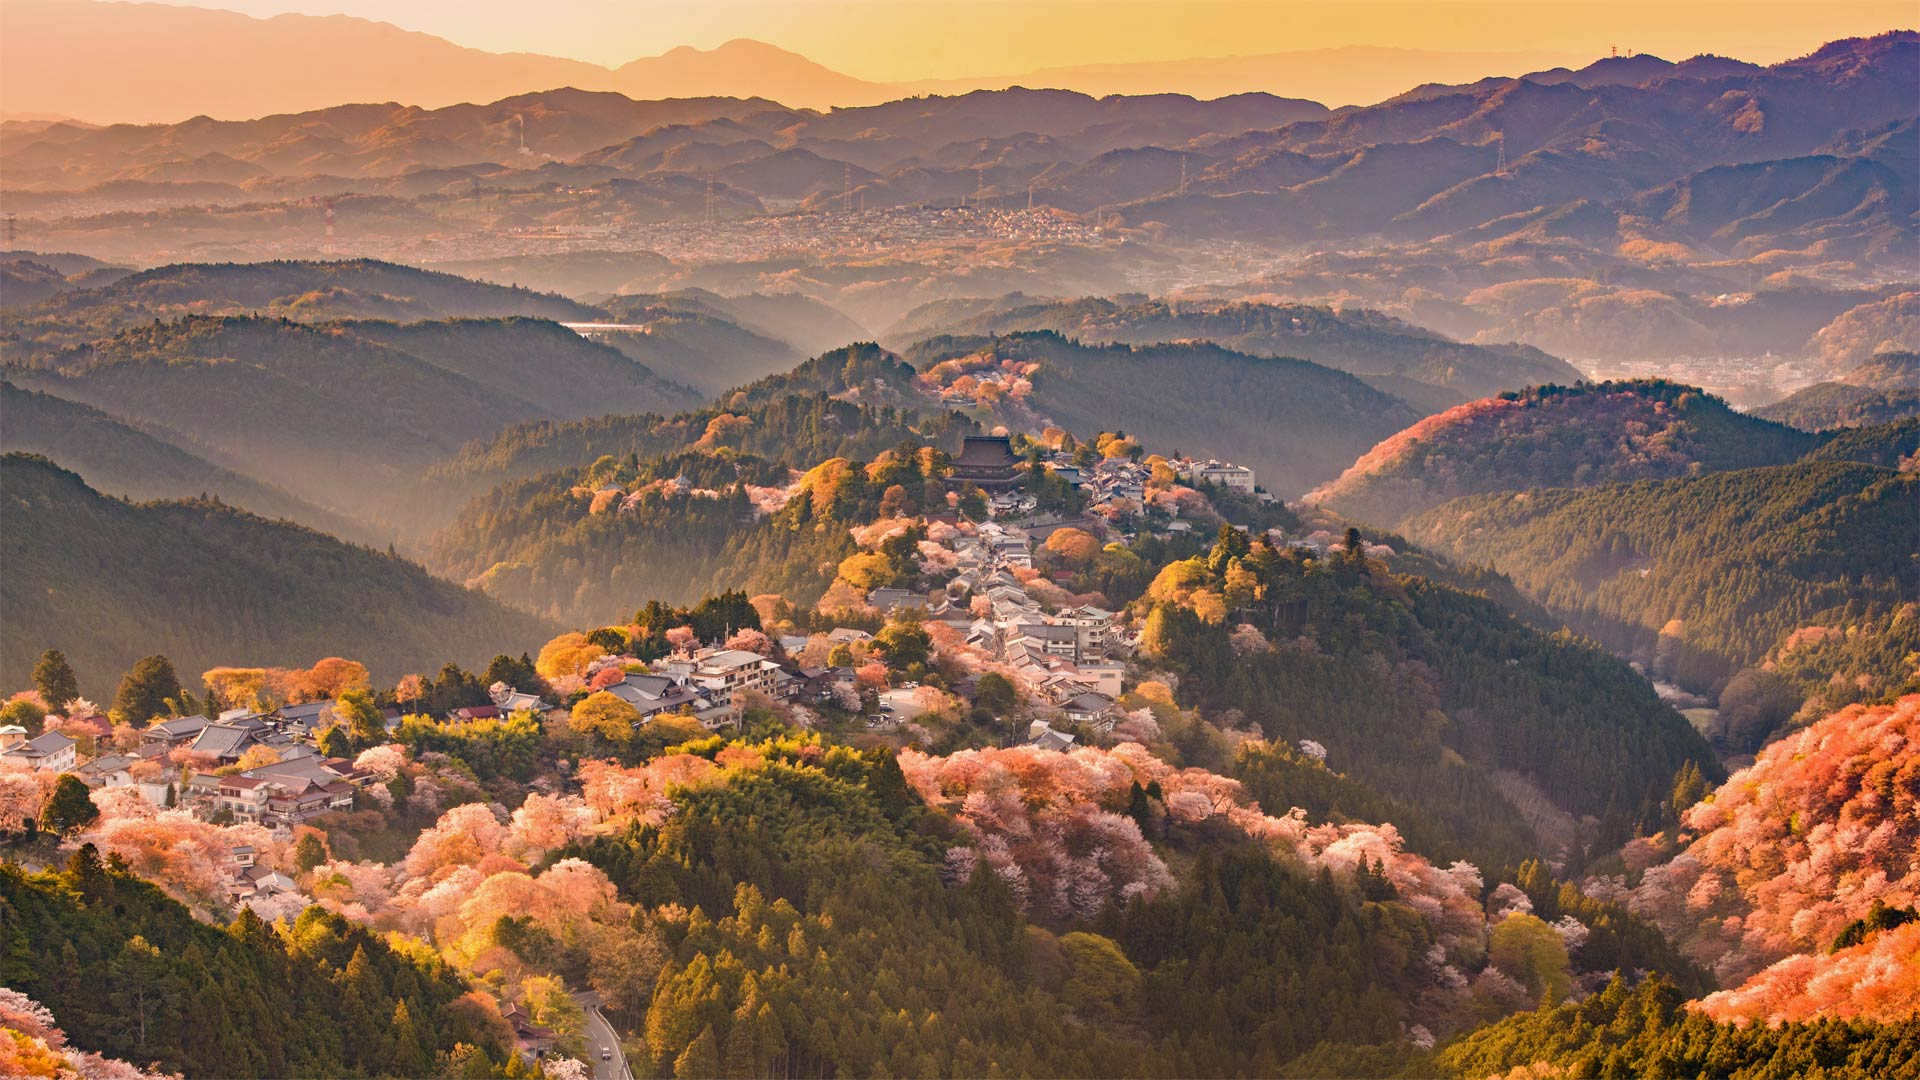 吉野山,日本奈良 (© Sean Pavone/iStock/Getty Images Plus)